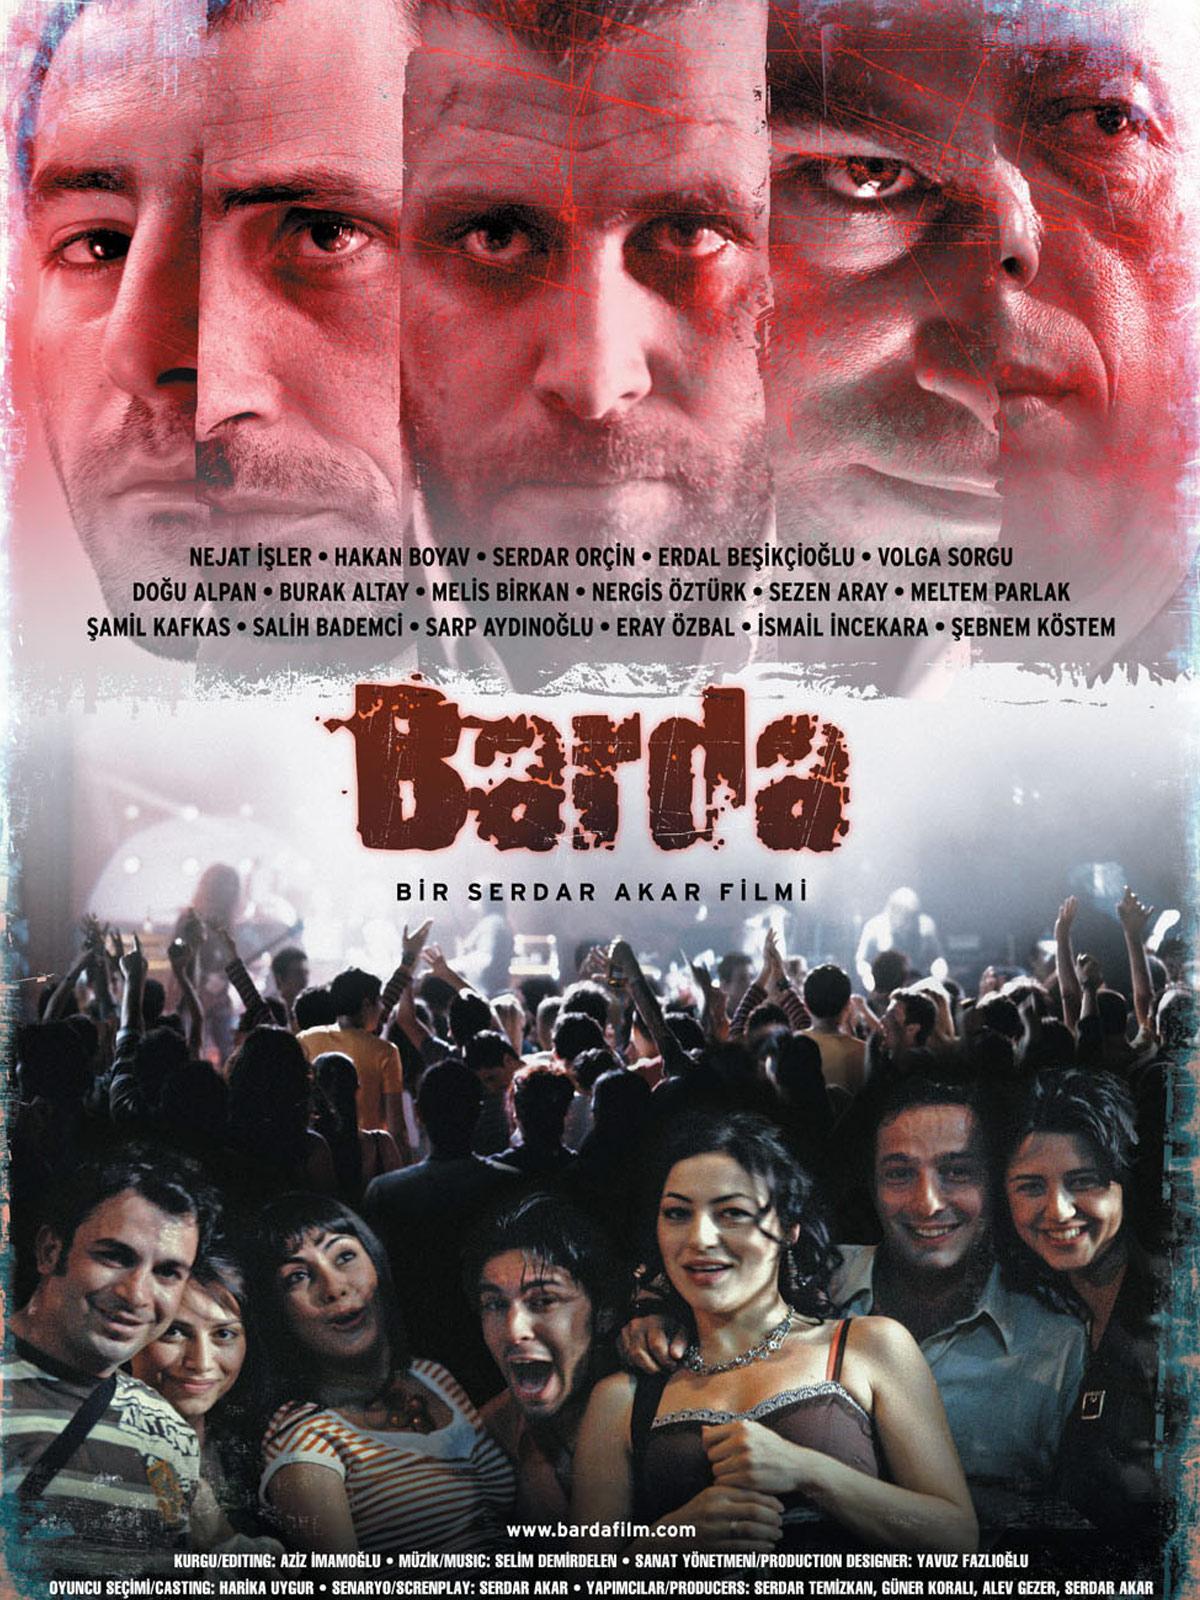 Barda 2007 Drama Sinema Odaları Suç Gizem Film Hafızası